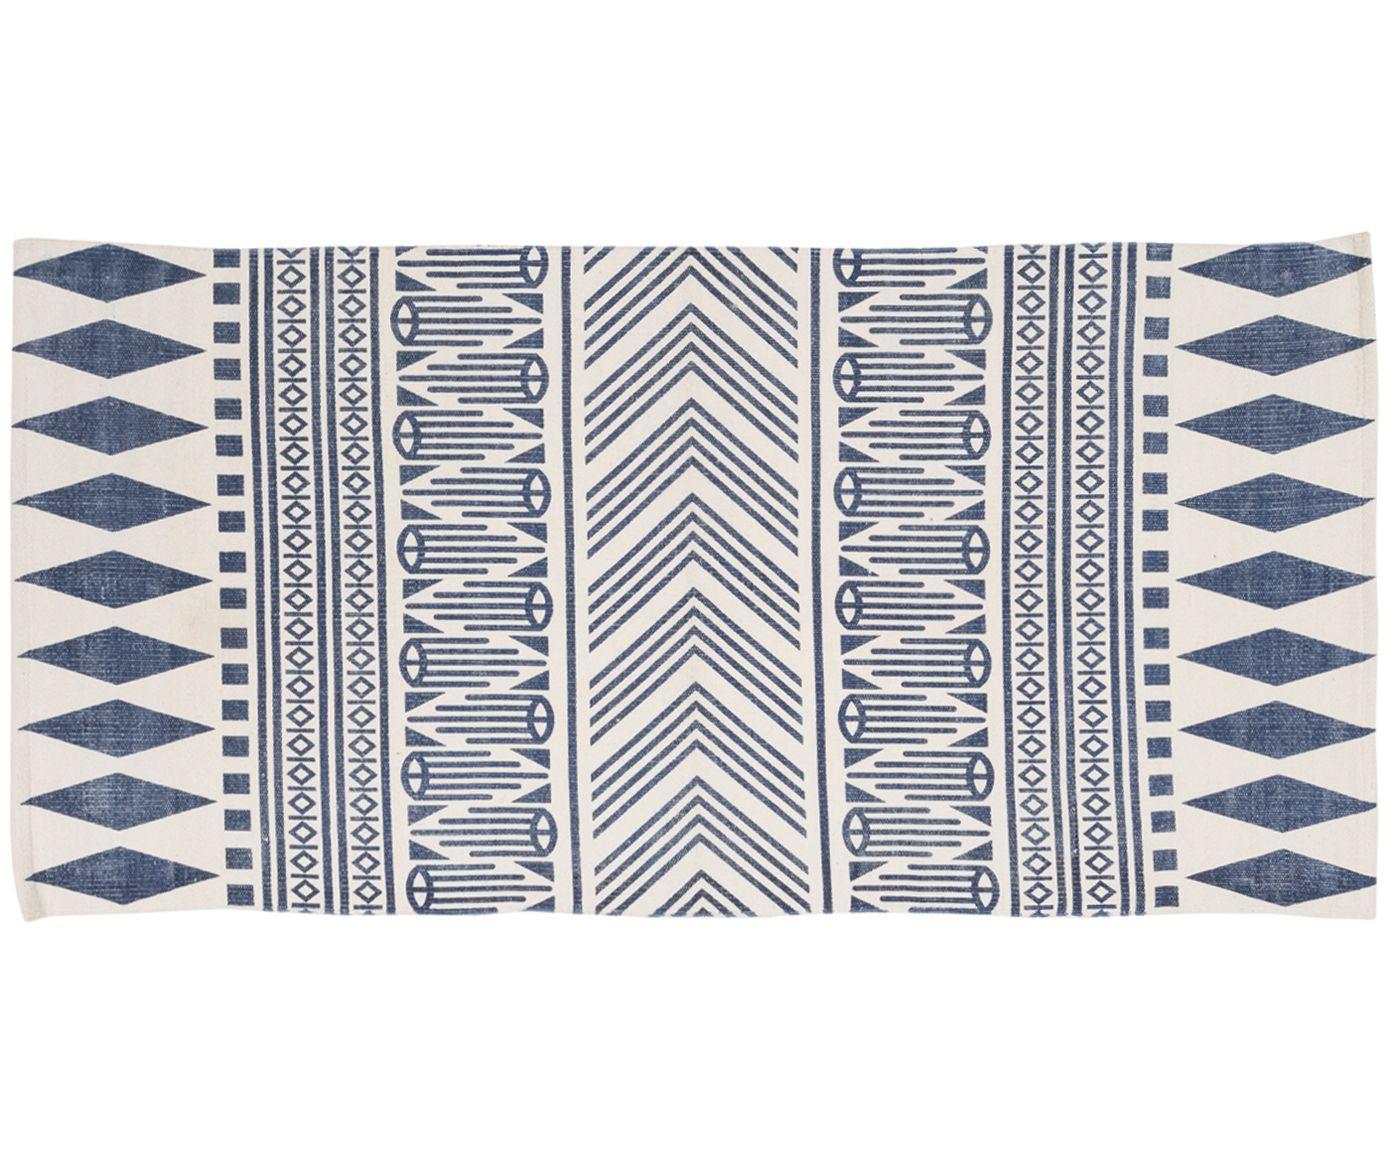 l ufer gehen sie mit handgewebter teppich aztec in beige blau wie auf wolken entdecken sie. Black Bedroom Furniture Sets. Home Design Ideas